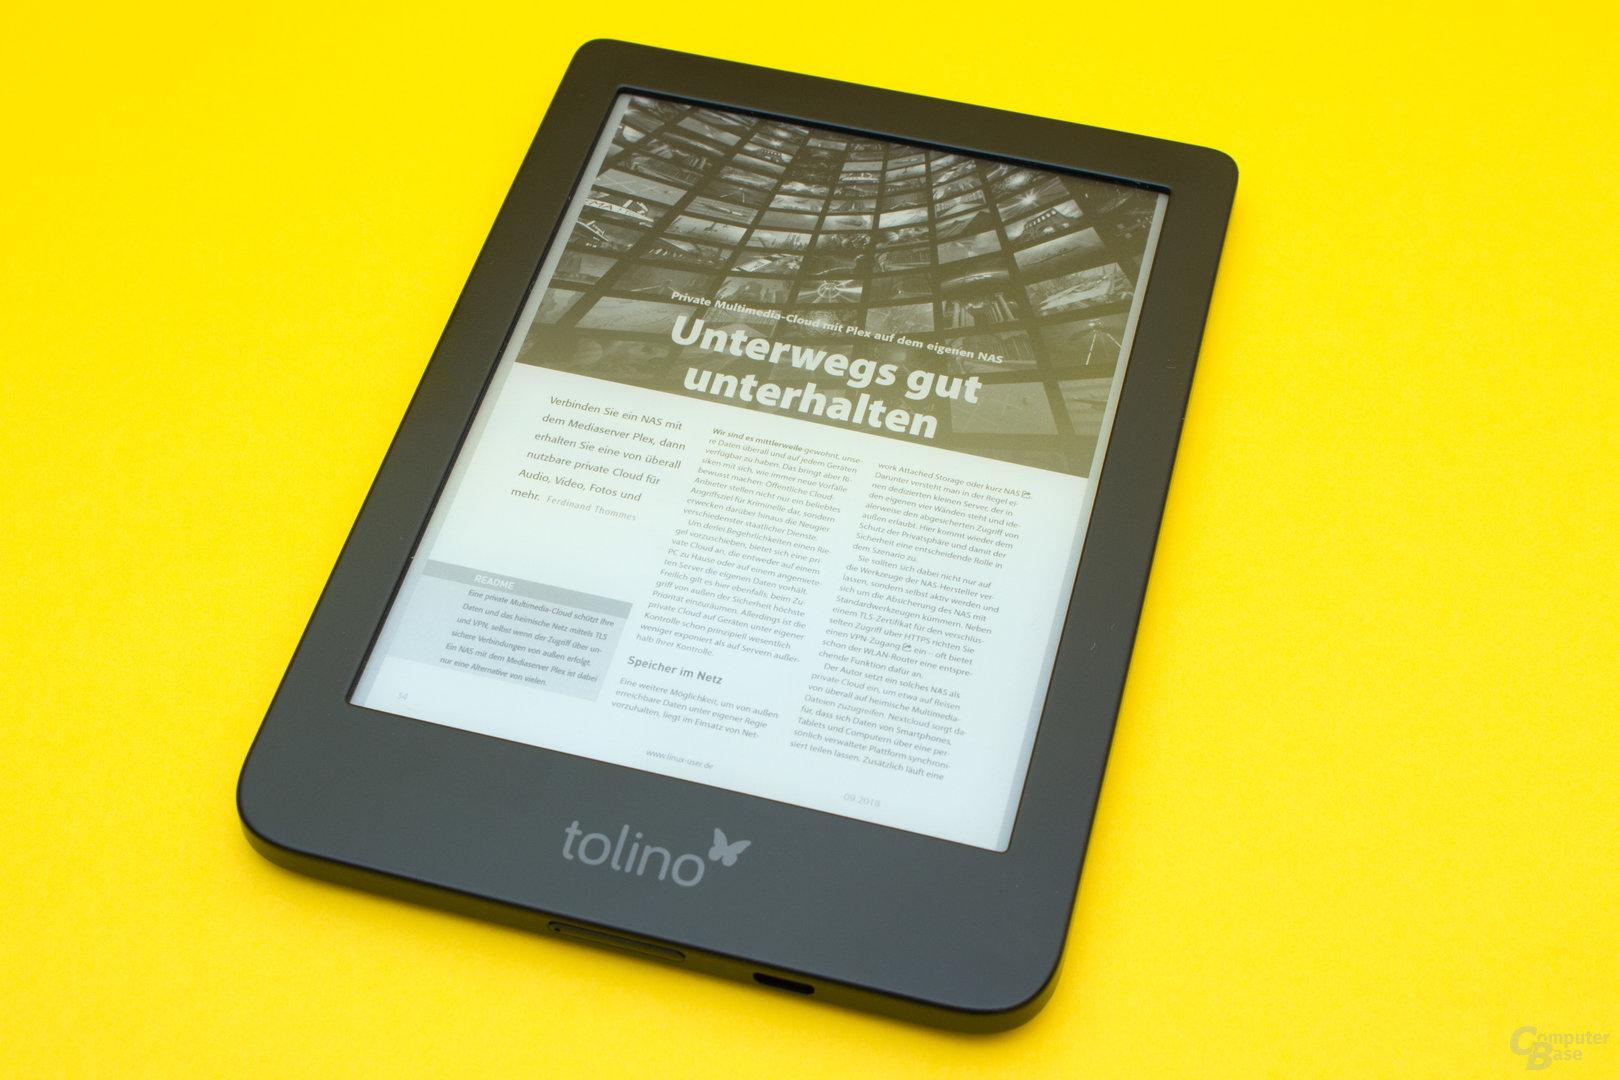 Nach wie vor schlechte PDF-Funktion beim Tolino Shine 3